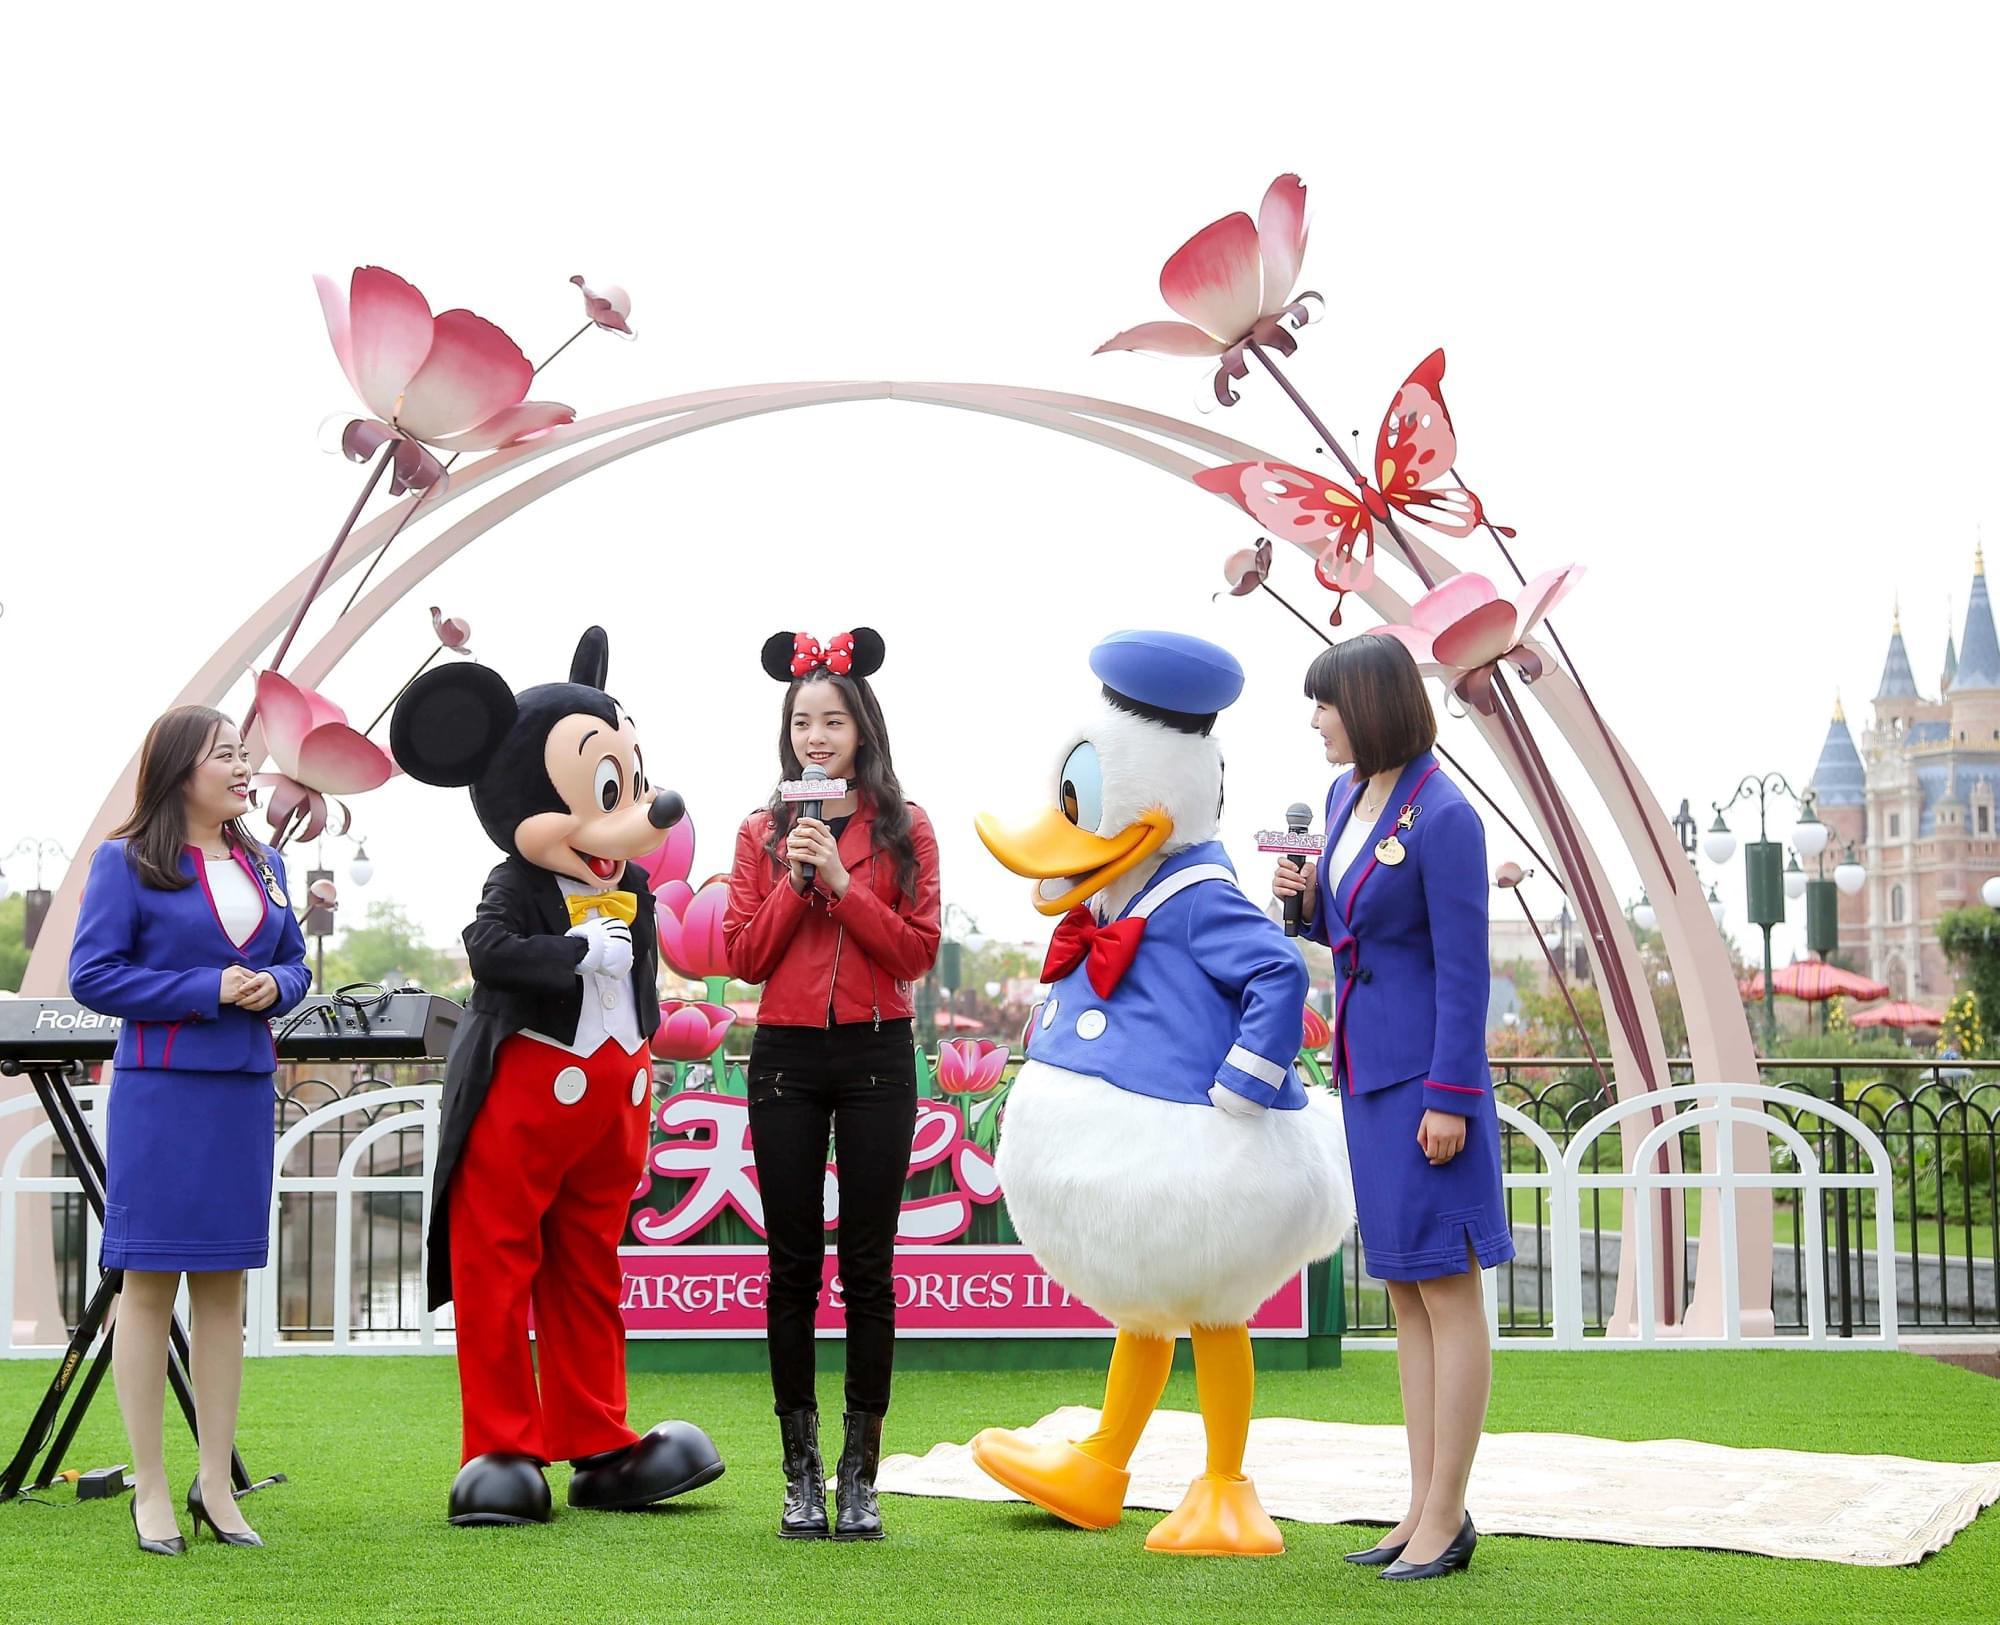 欧阳娜娜上海迪士尼与粉丝互动 透露新专辑消息